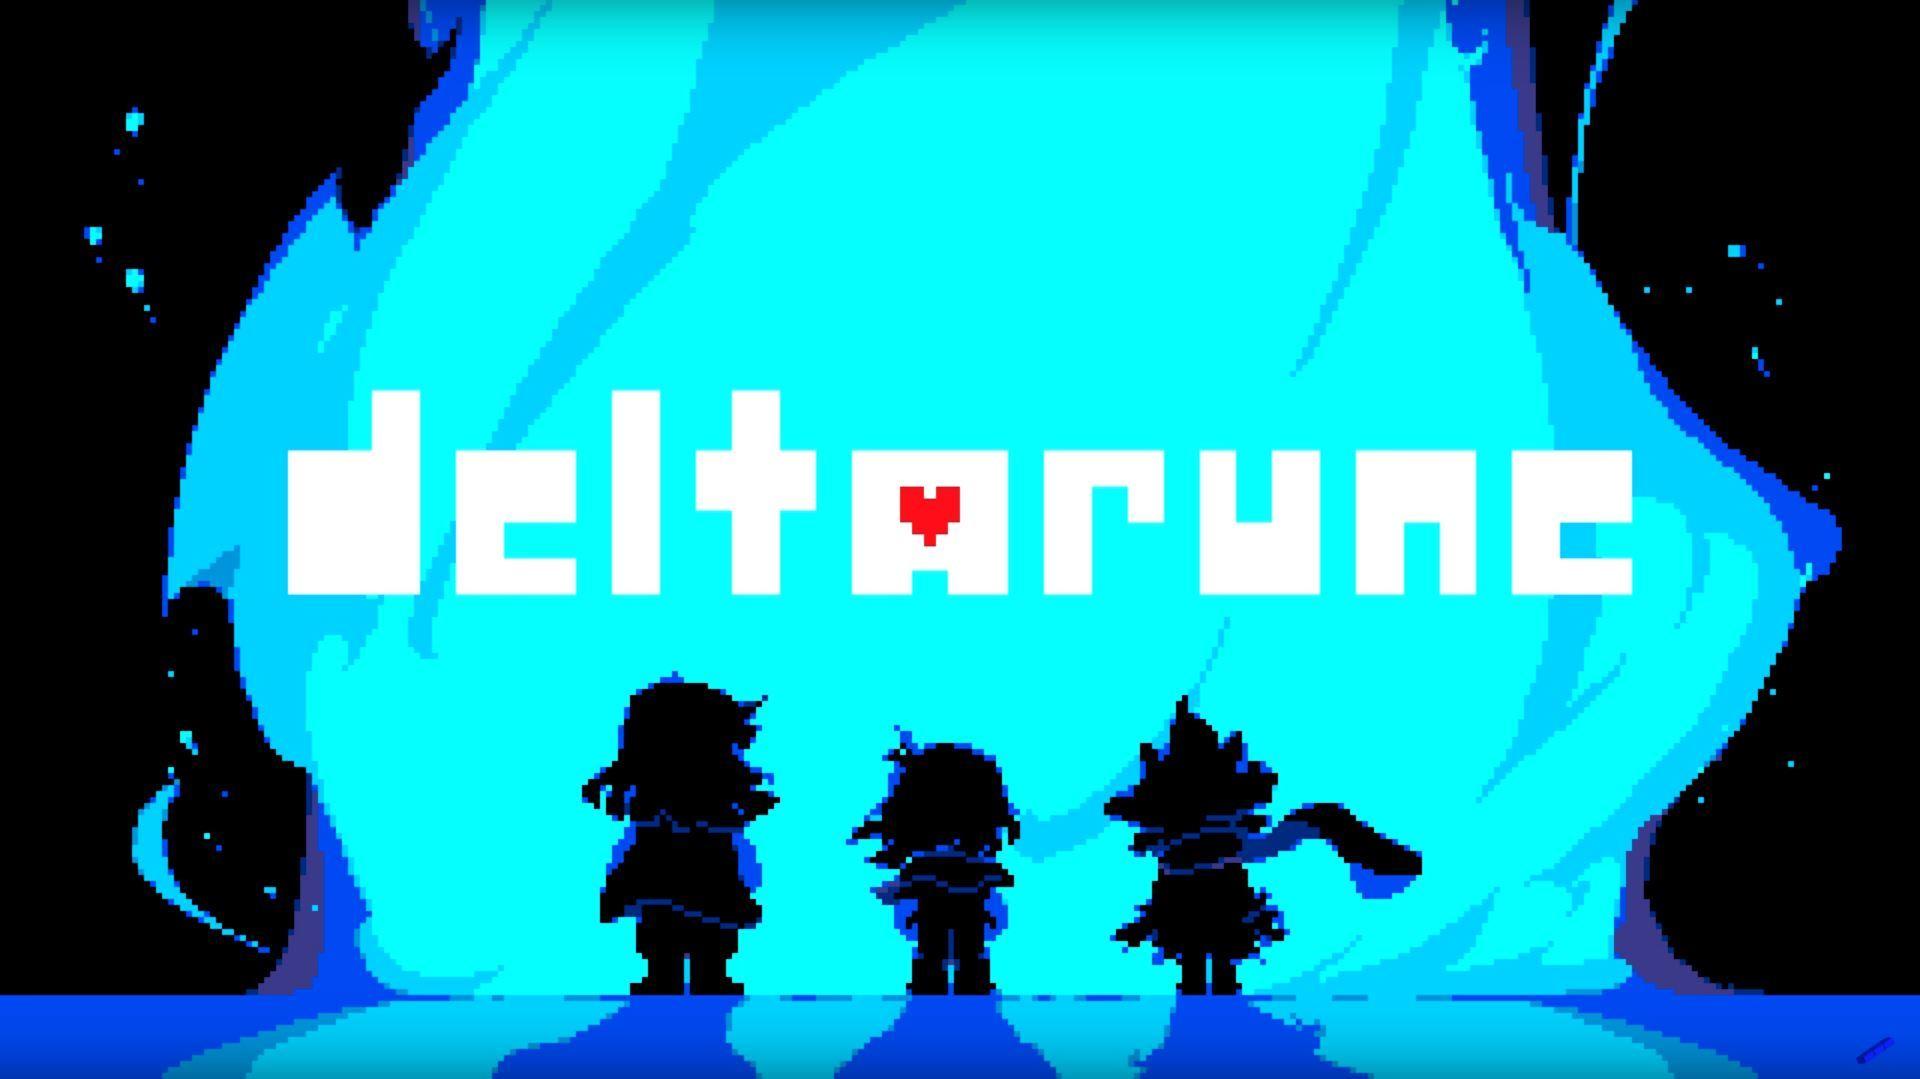 deltarune logo and header